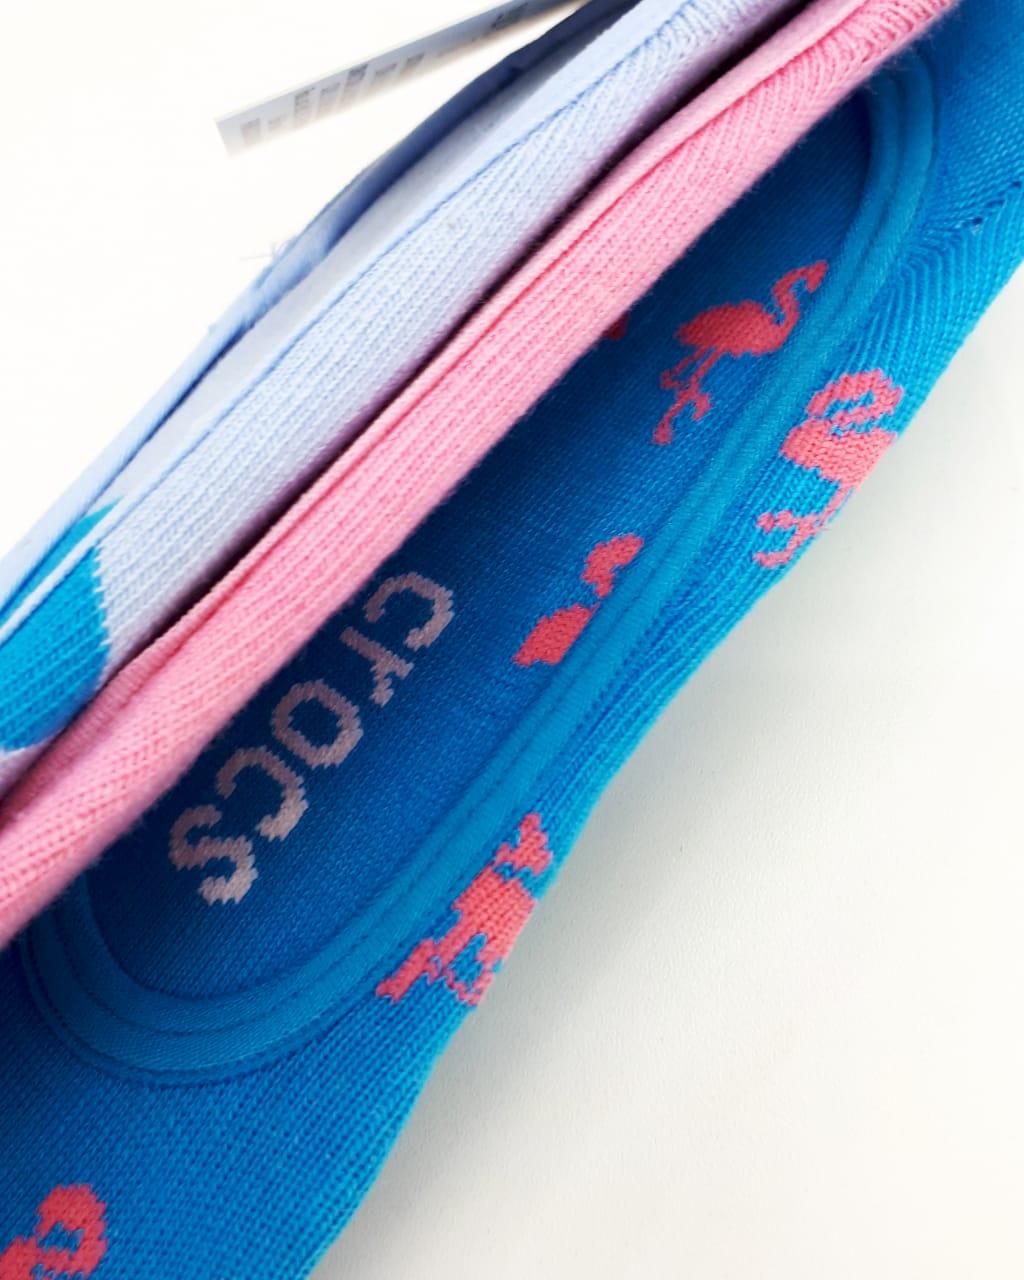 Kit c\3 Meia Crocs Invisível Azul\Rosal - 39-43